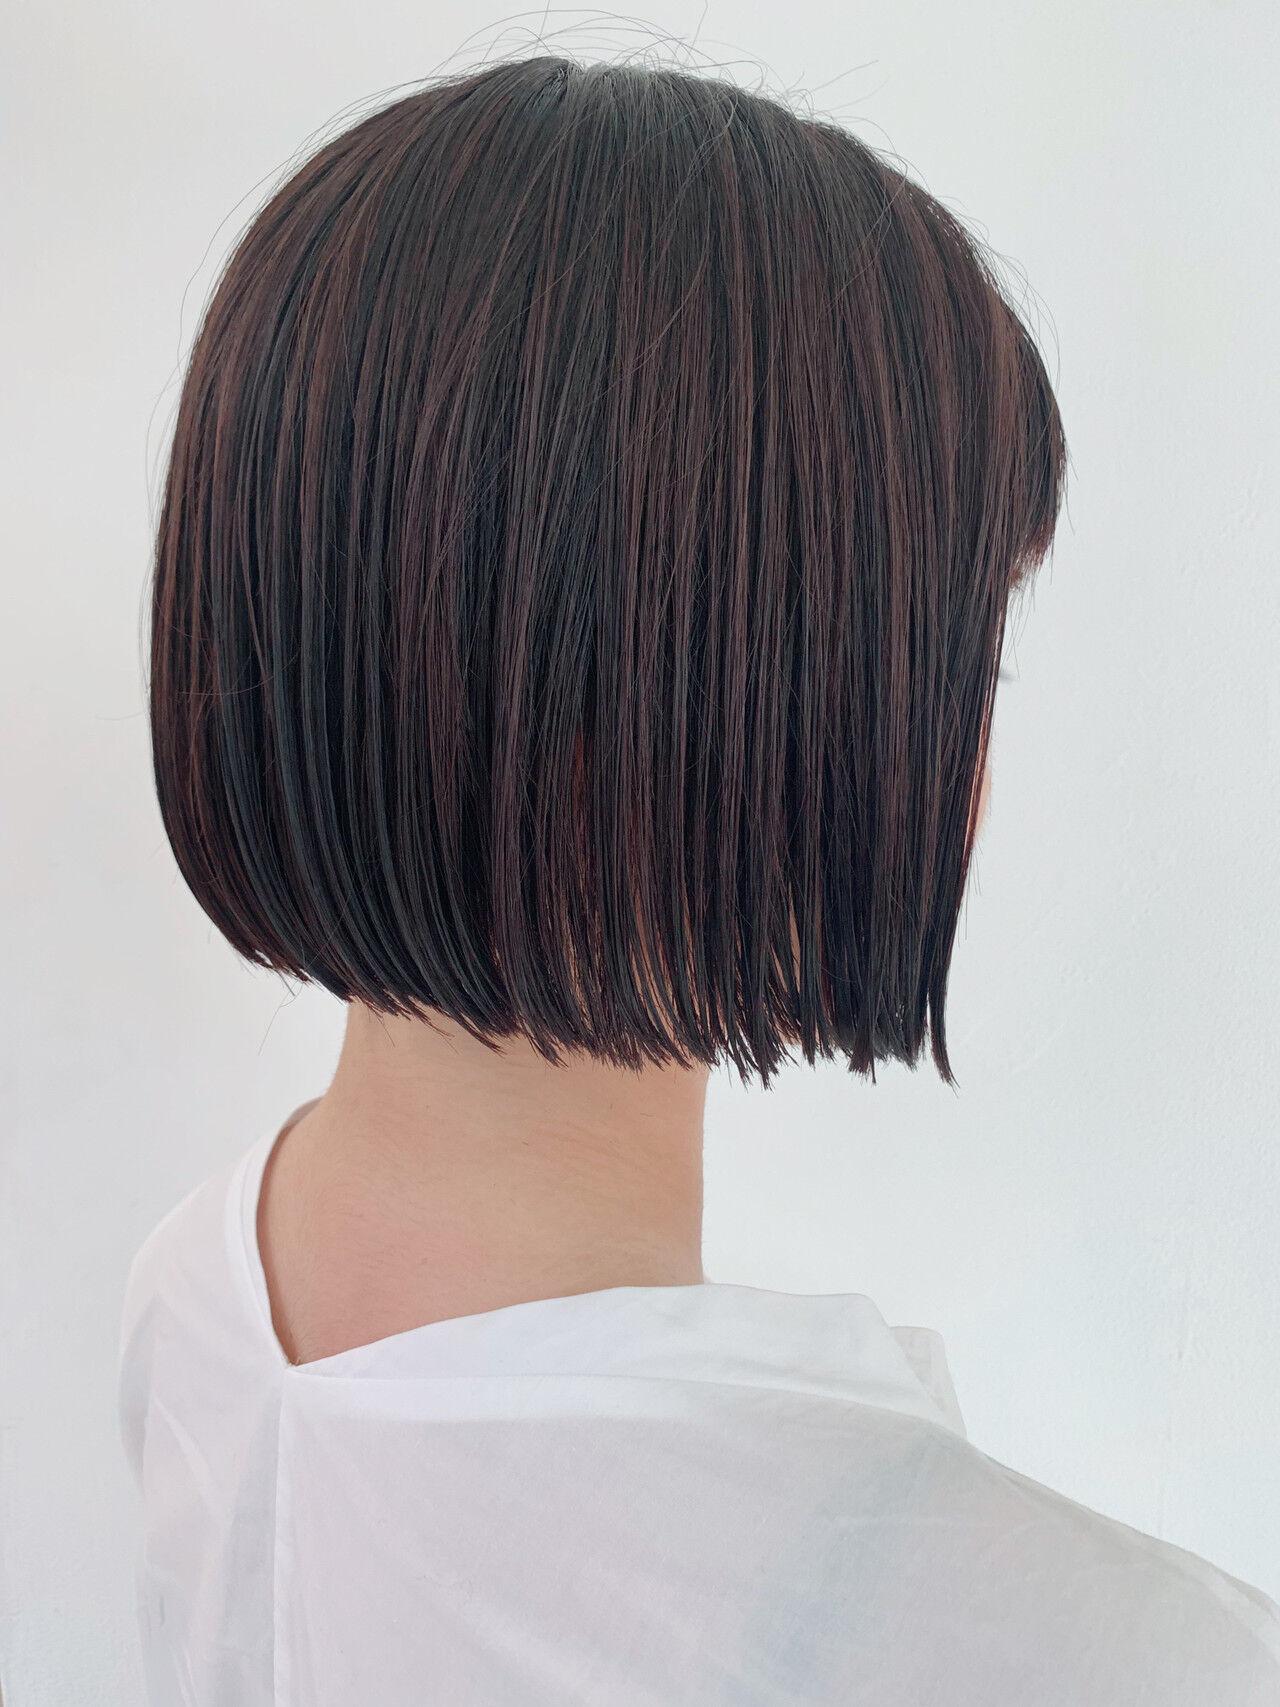 ナチュラル 暗髪 ボブ ミニボブヘアスタイルや髪型の写真・画像